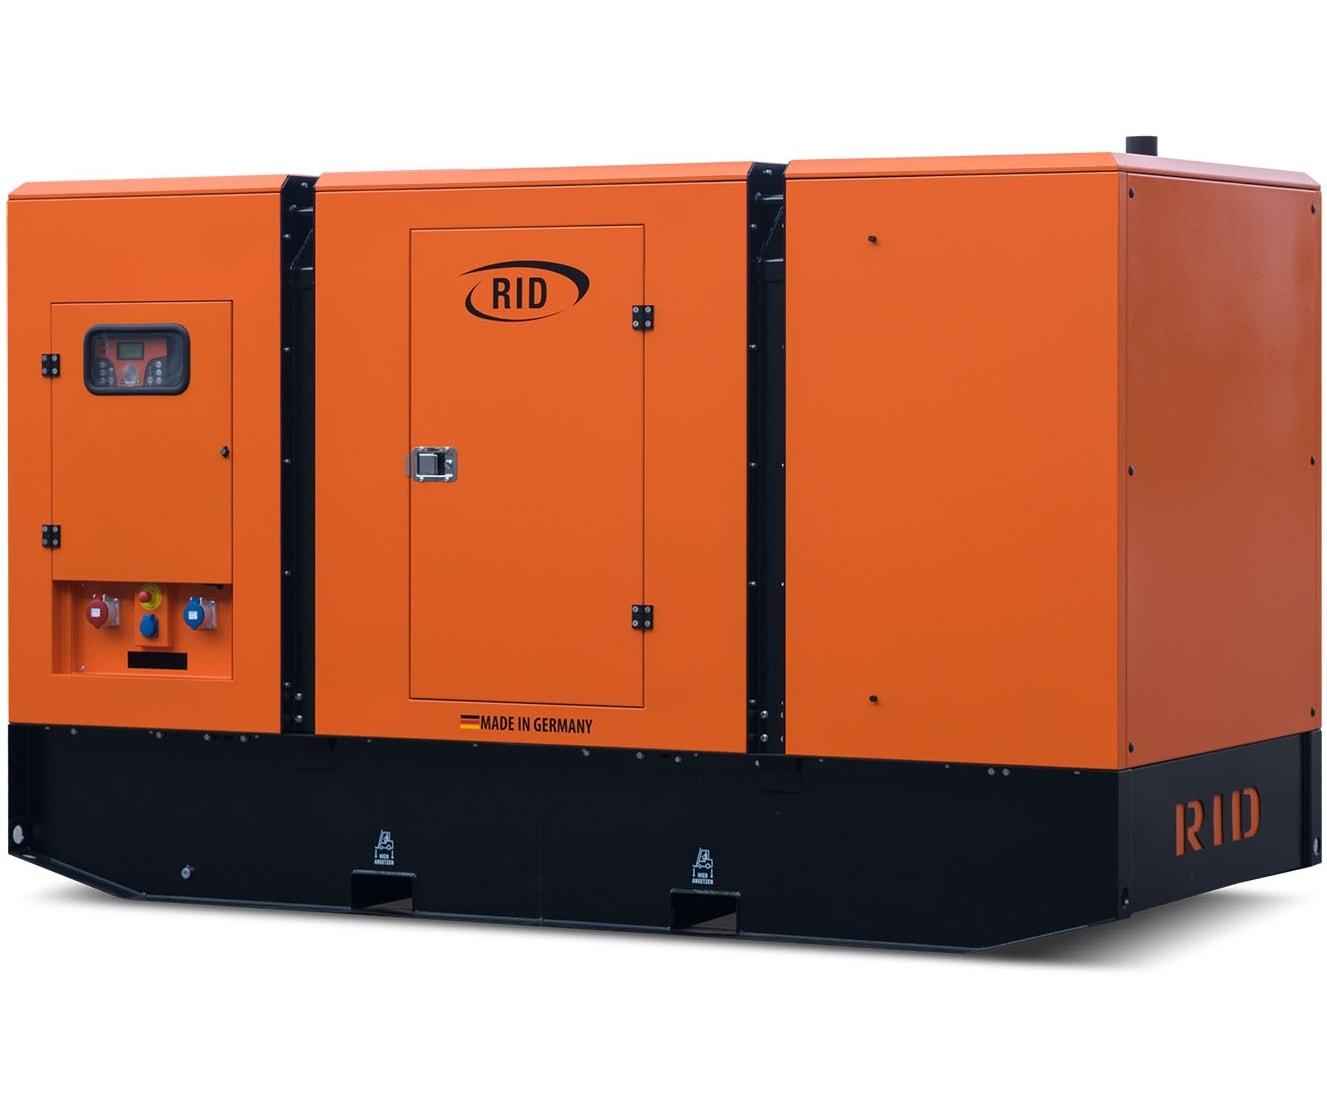 дизельная электростанция rid 150 s-series s